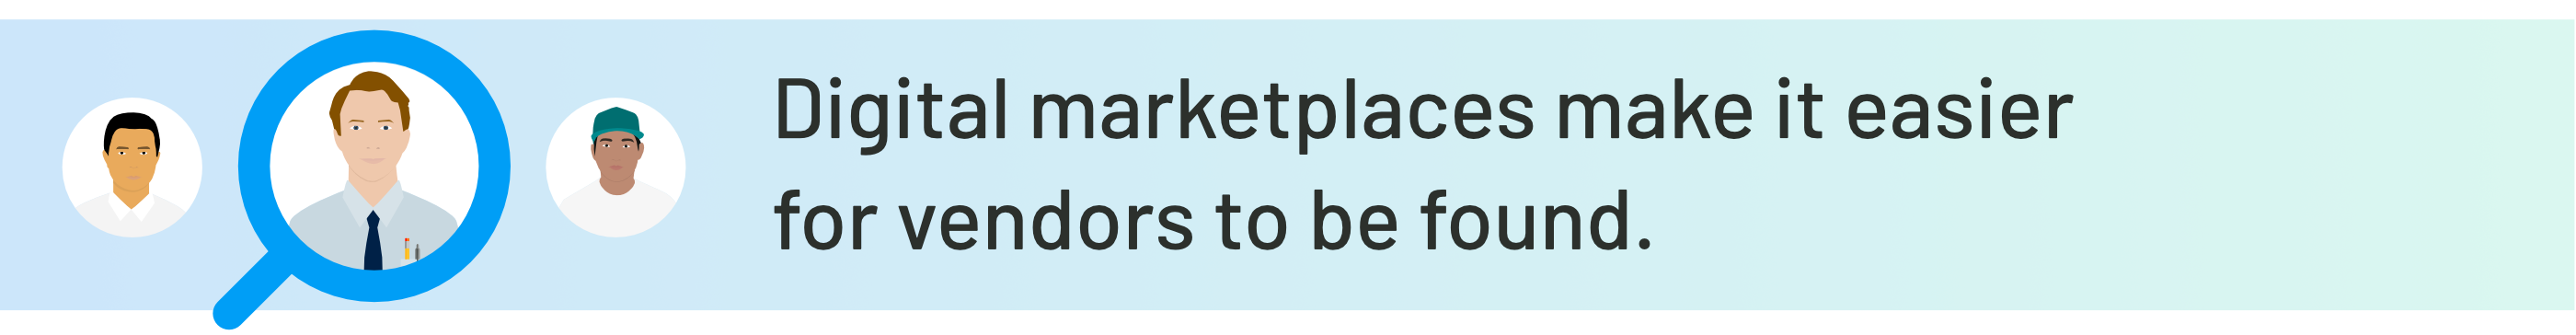 3-vendors-found